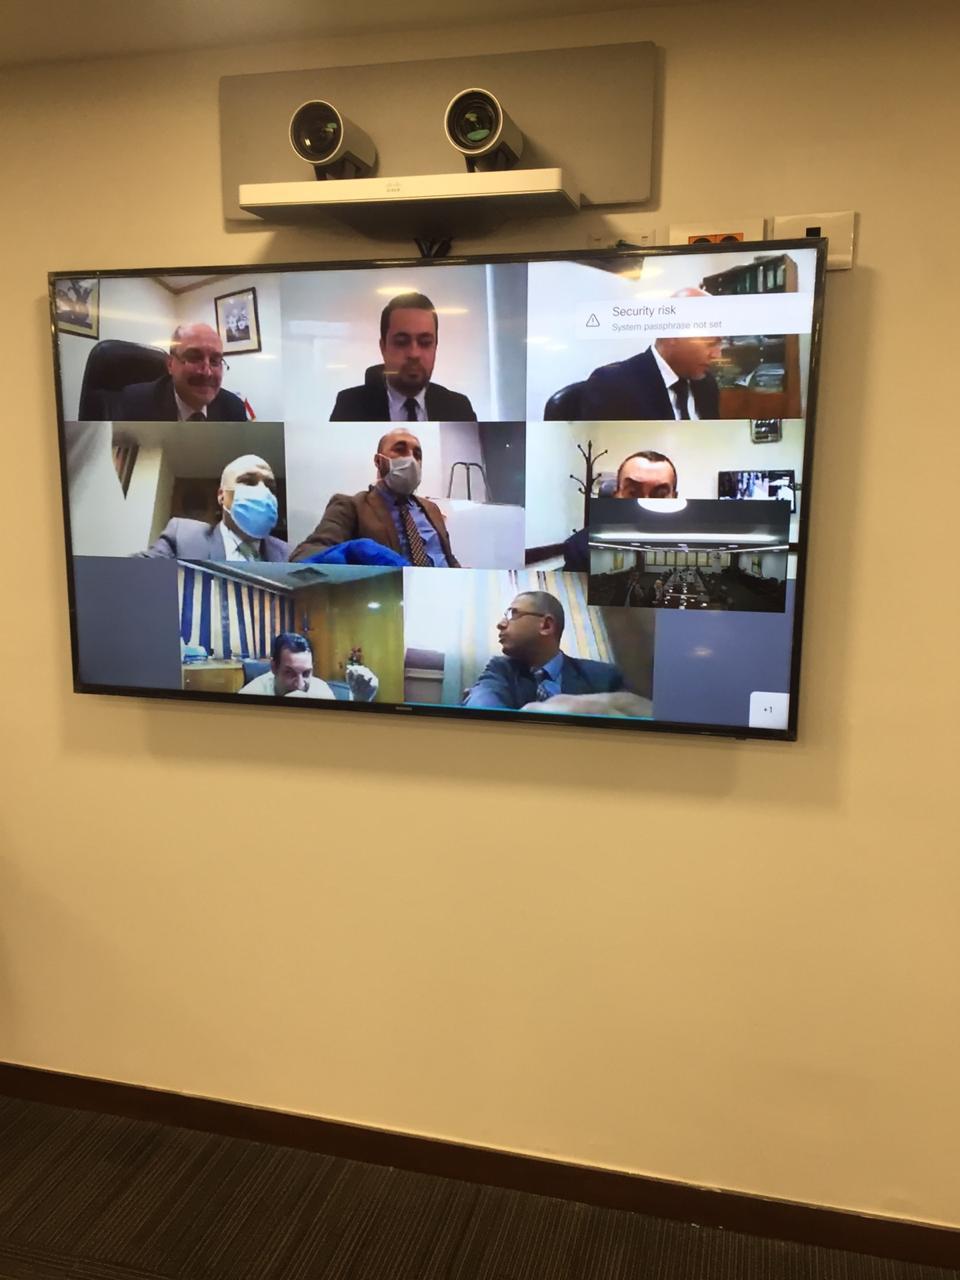 ماجد فهمى يجتمع مع مديرى ومسئولى الفروع عبر تقنية الفيديو كونفرانس